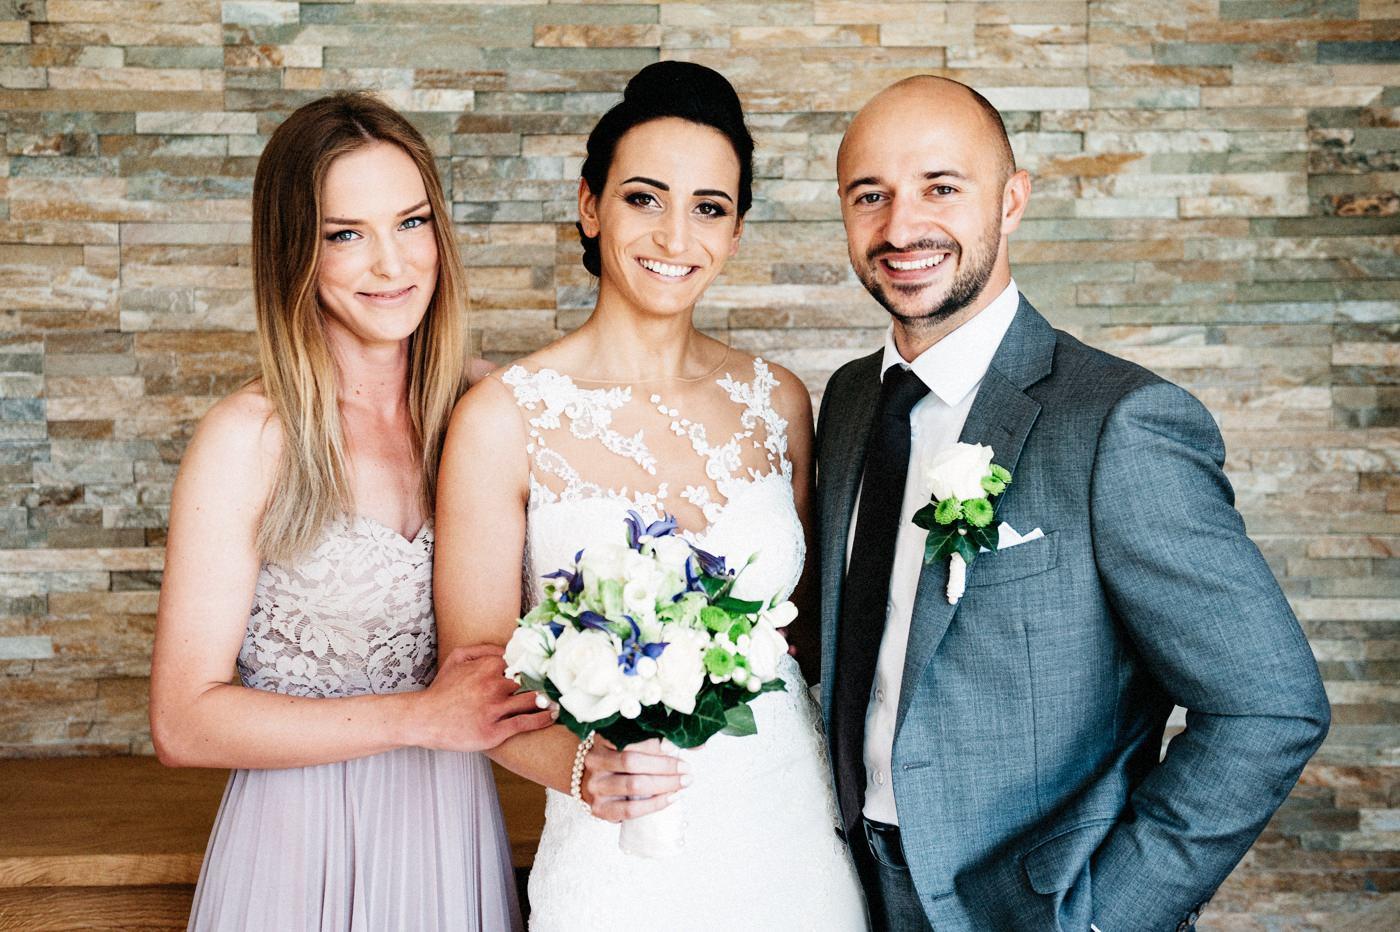 Die schönsten Fotos mit der Braut | Fenster